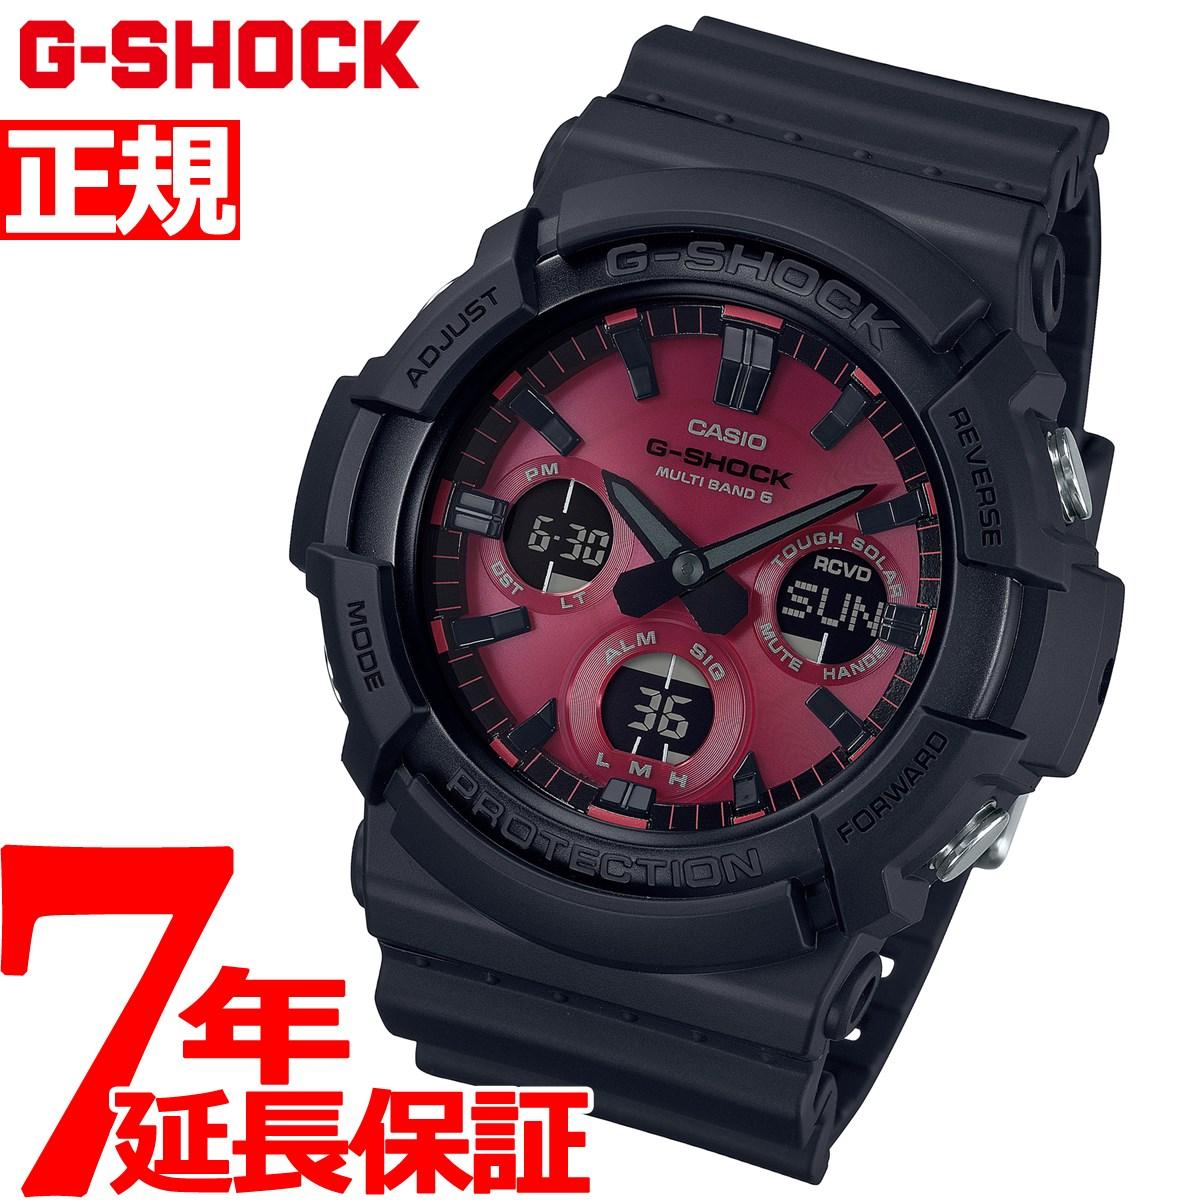 【5日0時~♪2000円OFFクーポン&店内ポイント最大51倍!5日23時59分まで】G-SHOCK 電波 ソーラー カシオ Gショック CASIO 腕時計 メンズ Black and Red Series GAW-100AR-1AJF